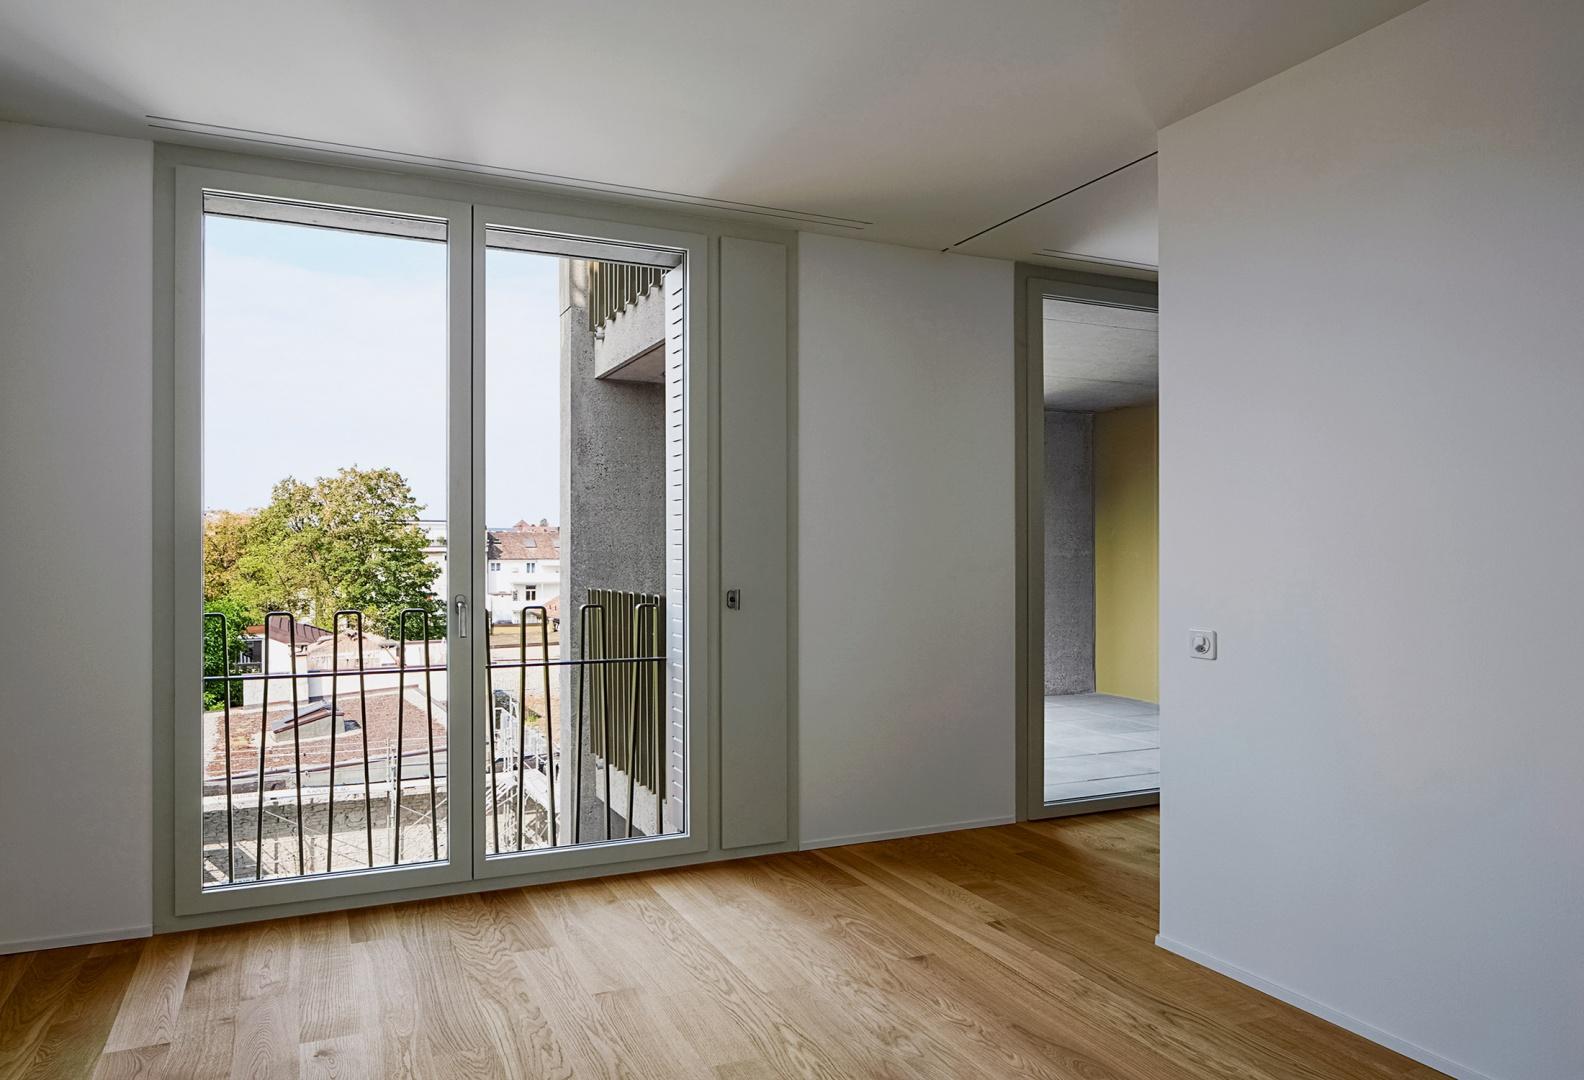 Blick auf die Hofseite: Das raumhohe französische Fenster wird seitlich  mit dem corbusianischen Lüftungsflügel ergänzt. Direkt dahinter befinden sich die zusammengeschobenen Faltschiebeläden. Rechts angeschnitten der Zugang zum gedeckten Balkon © Tom Bisig